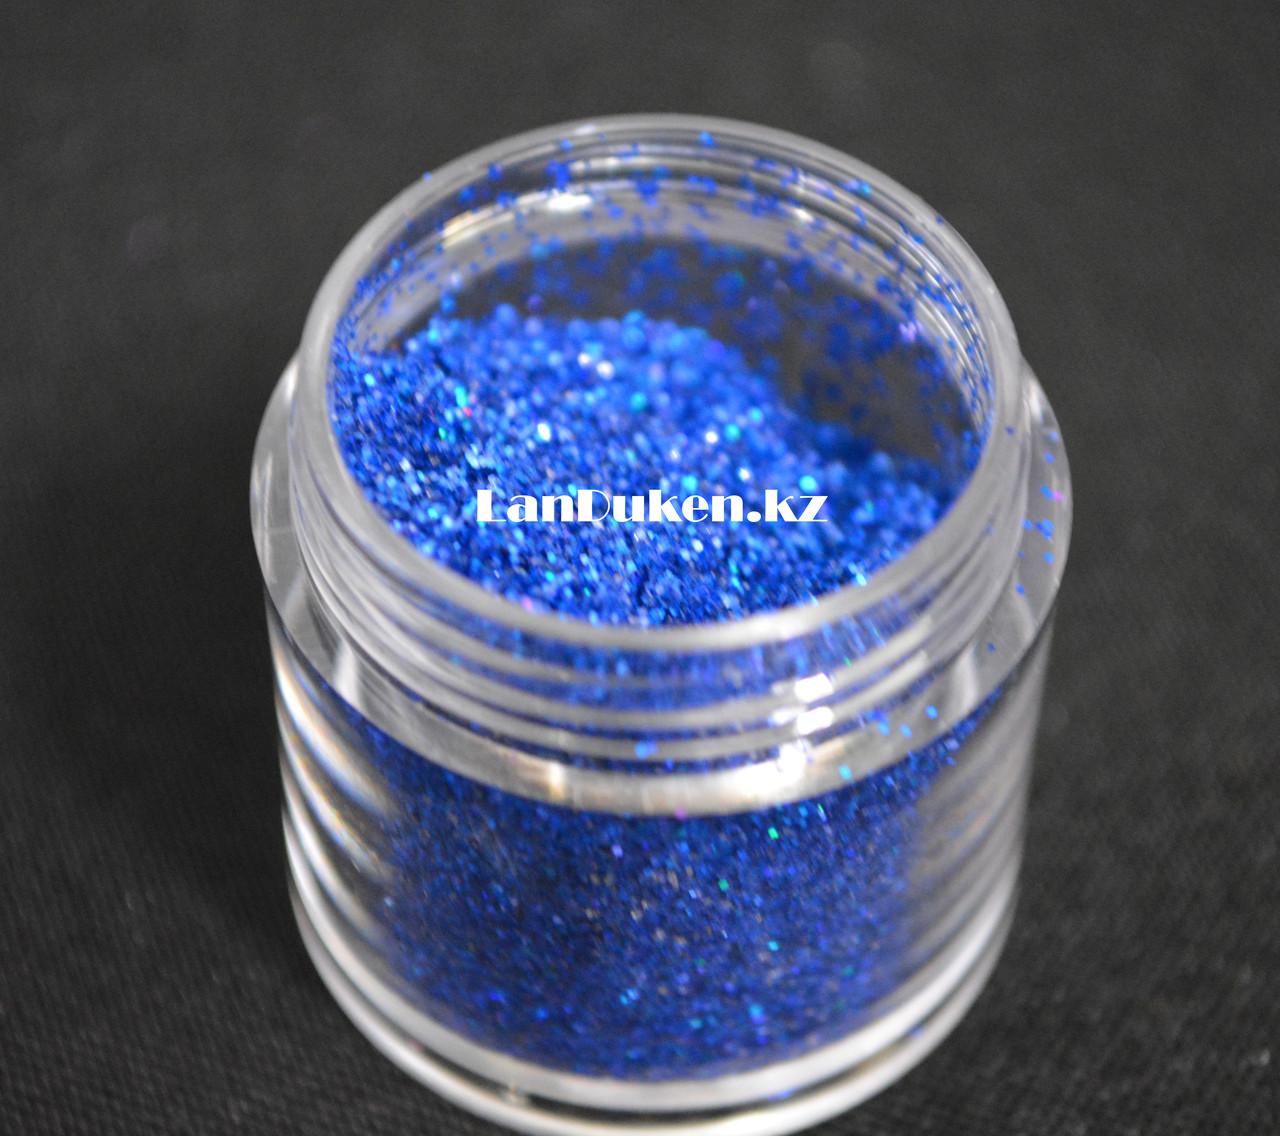 Блестки Color nail, блестки для ногтей, глаз, волос, тела, блестки для макияжа, глиттер, синие блестки - фото 3